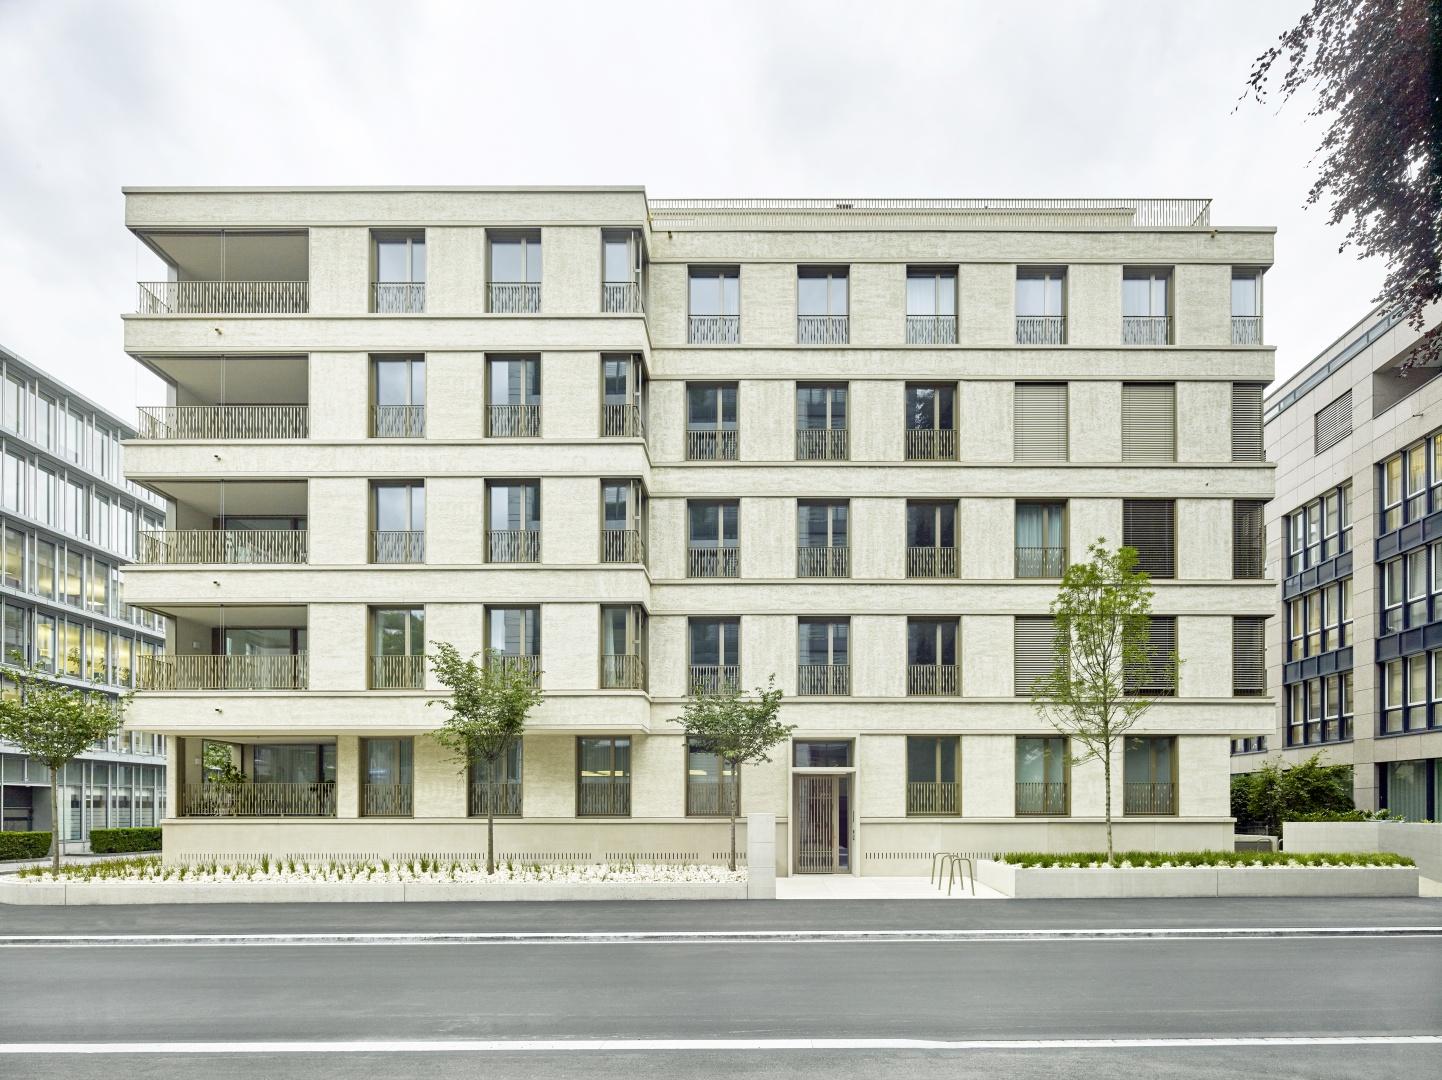 Eingangsfassade © Jürg Zimmermann, Frohalpstrasse 91, 8038 Zürich